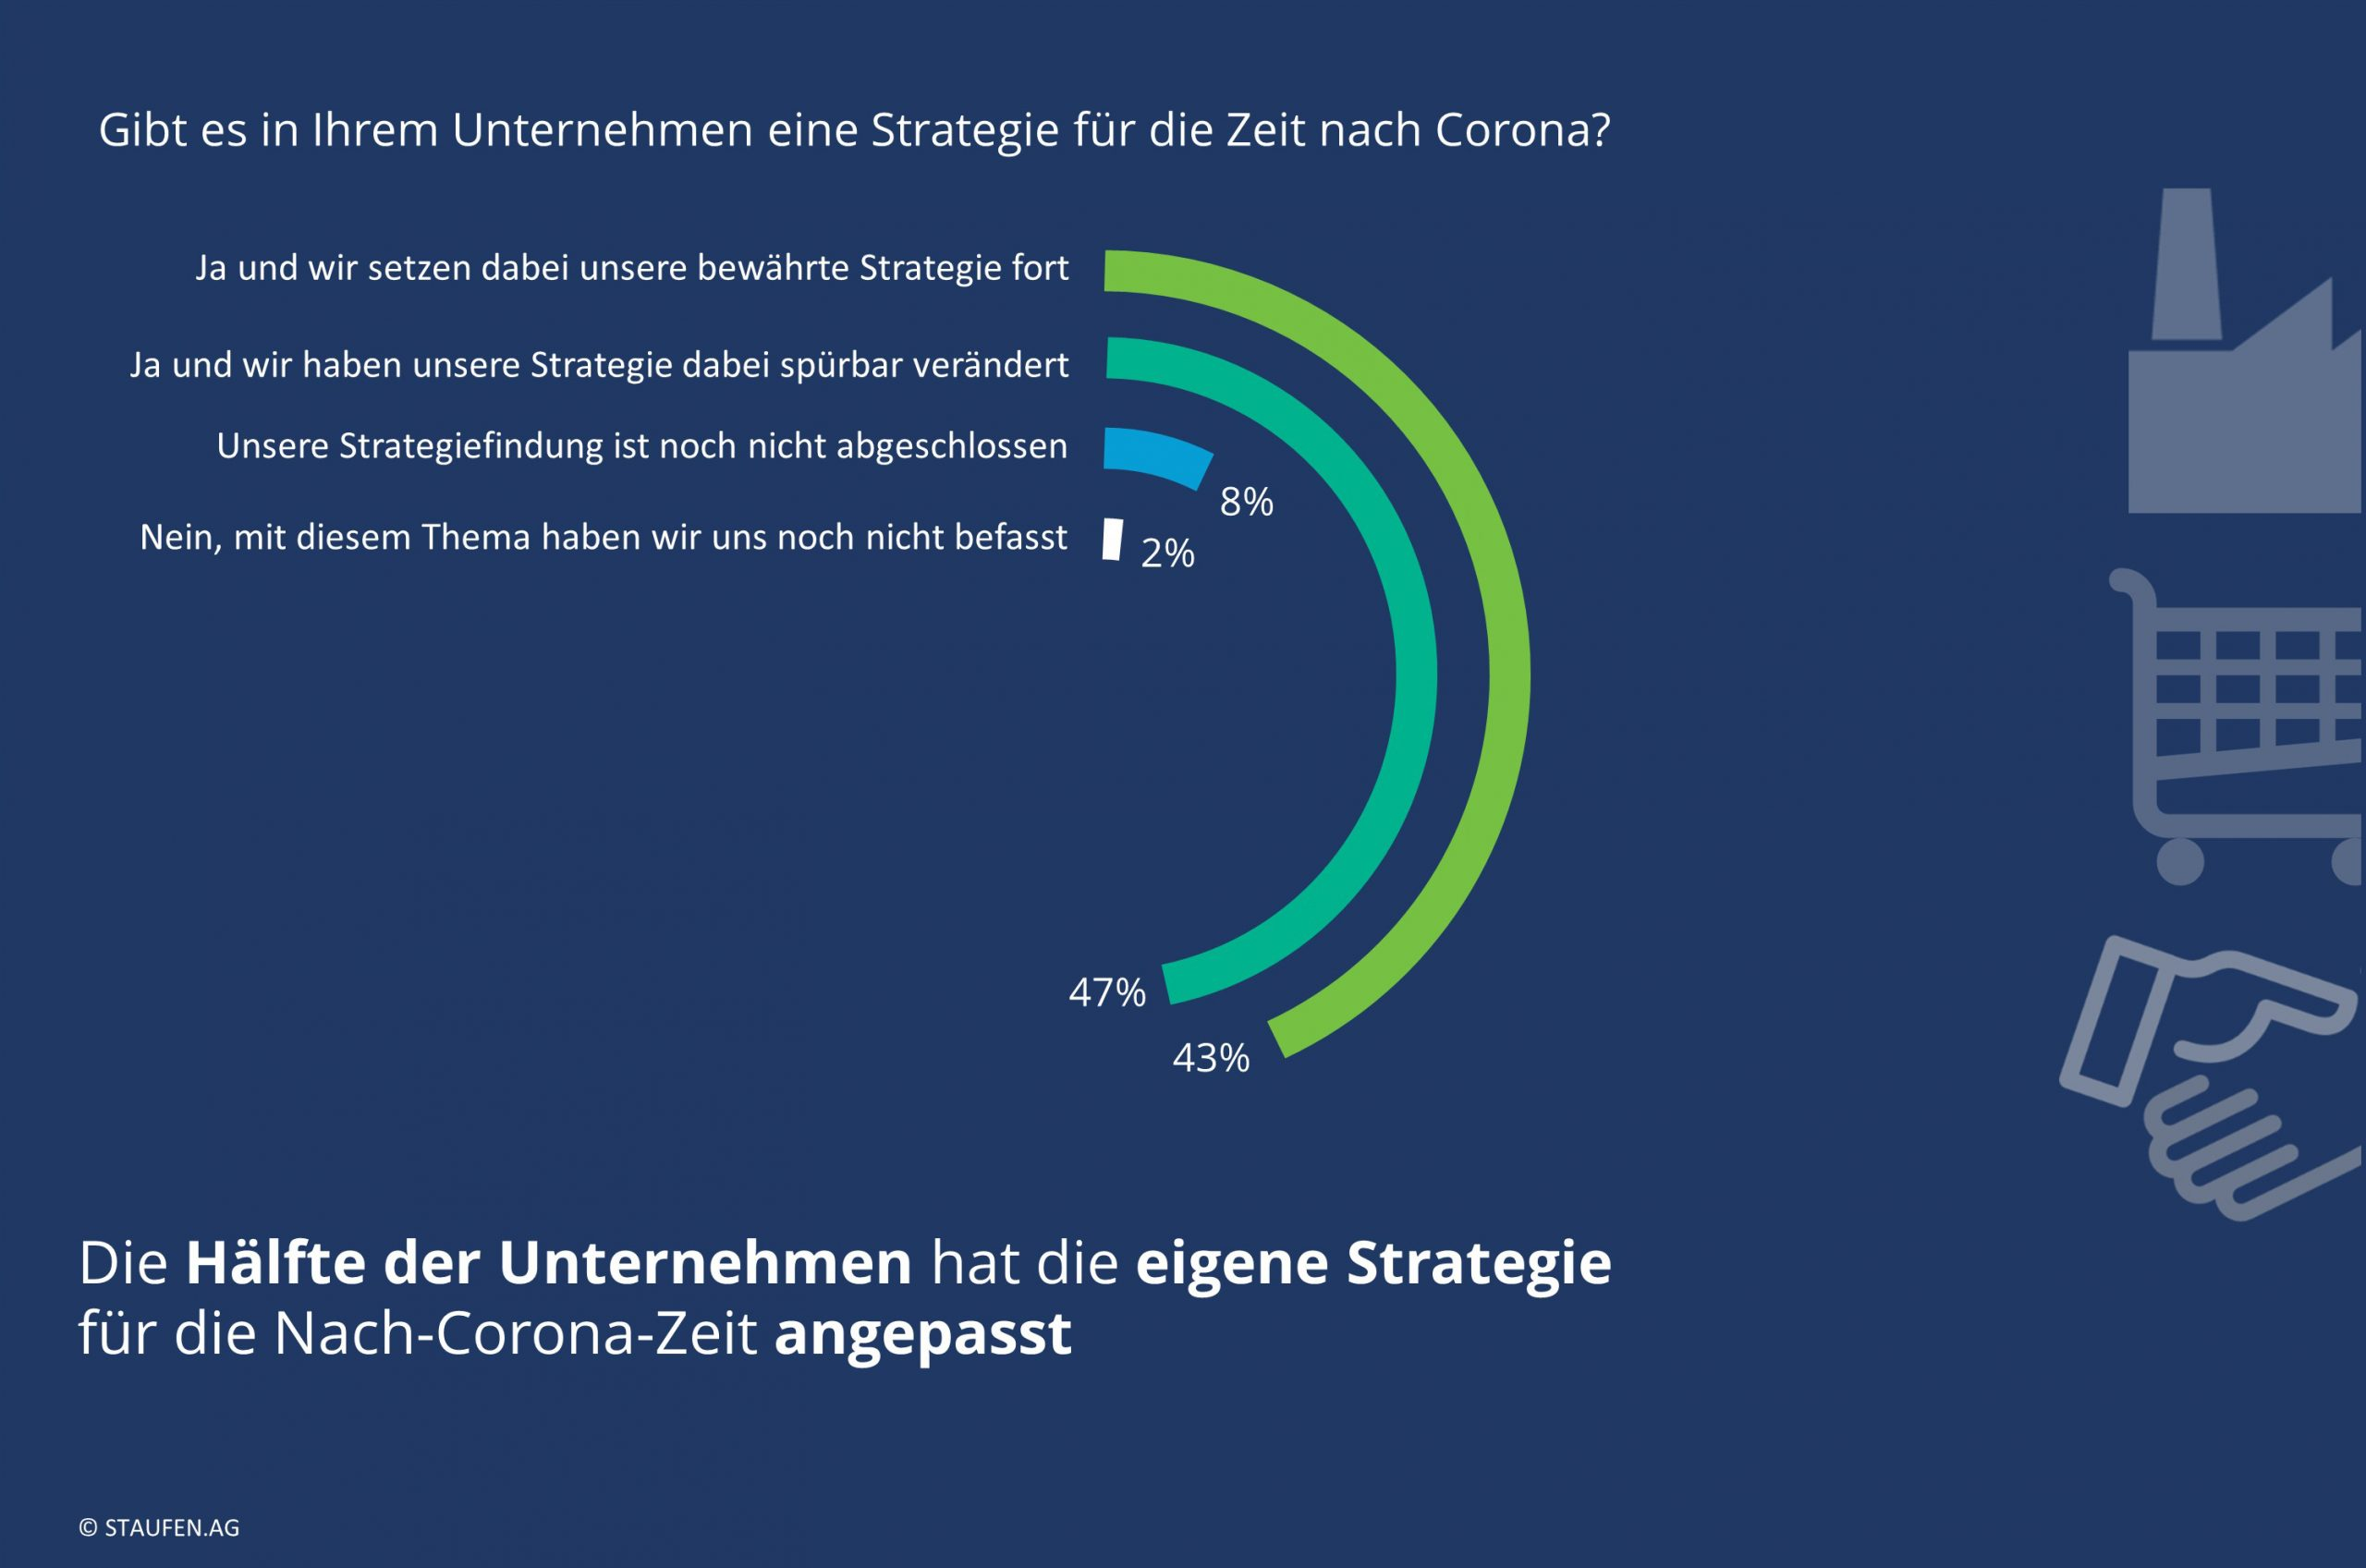 Jedes zweite Unternehmen passt Nach-Corona-Strategie an